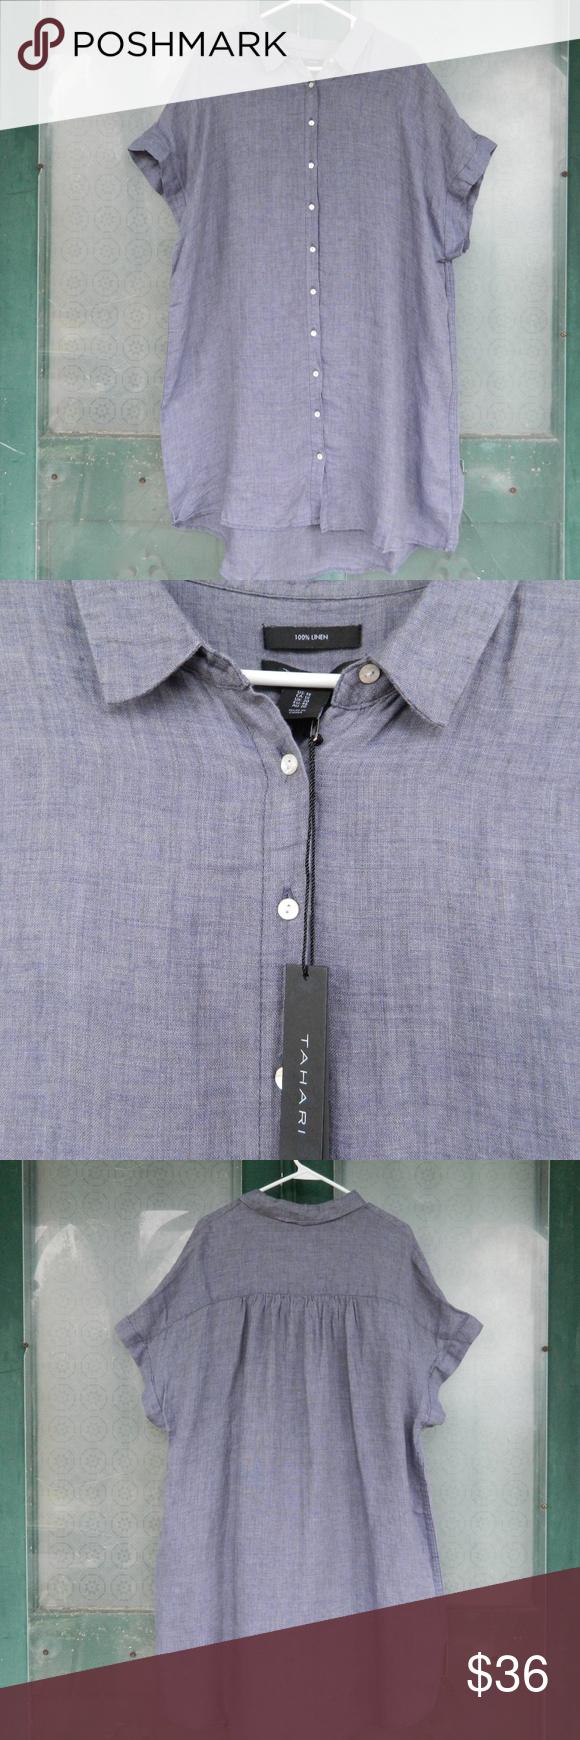 74d3b2e85c Tahari Linen Shirt Dress NWT Short-sleeves - button front Medium Blue Gray  100% Linen New with tags 1X  bust 54